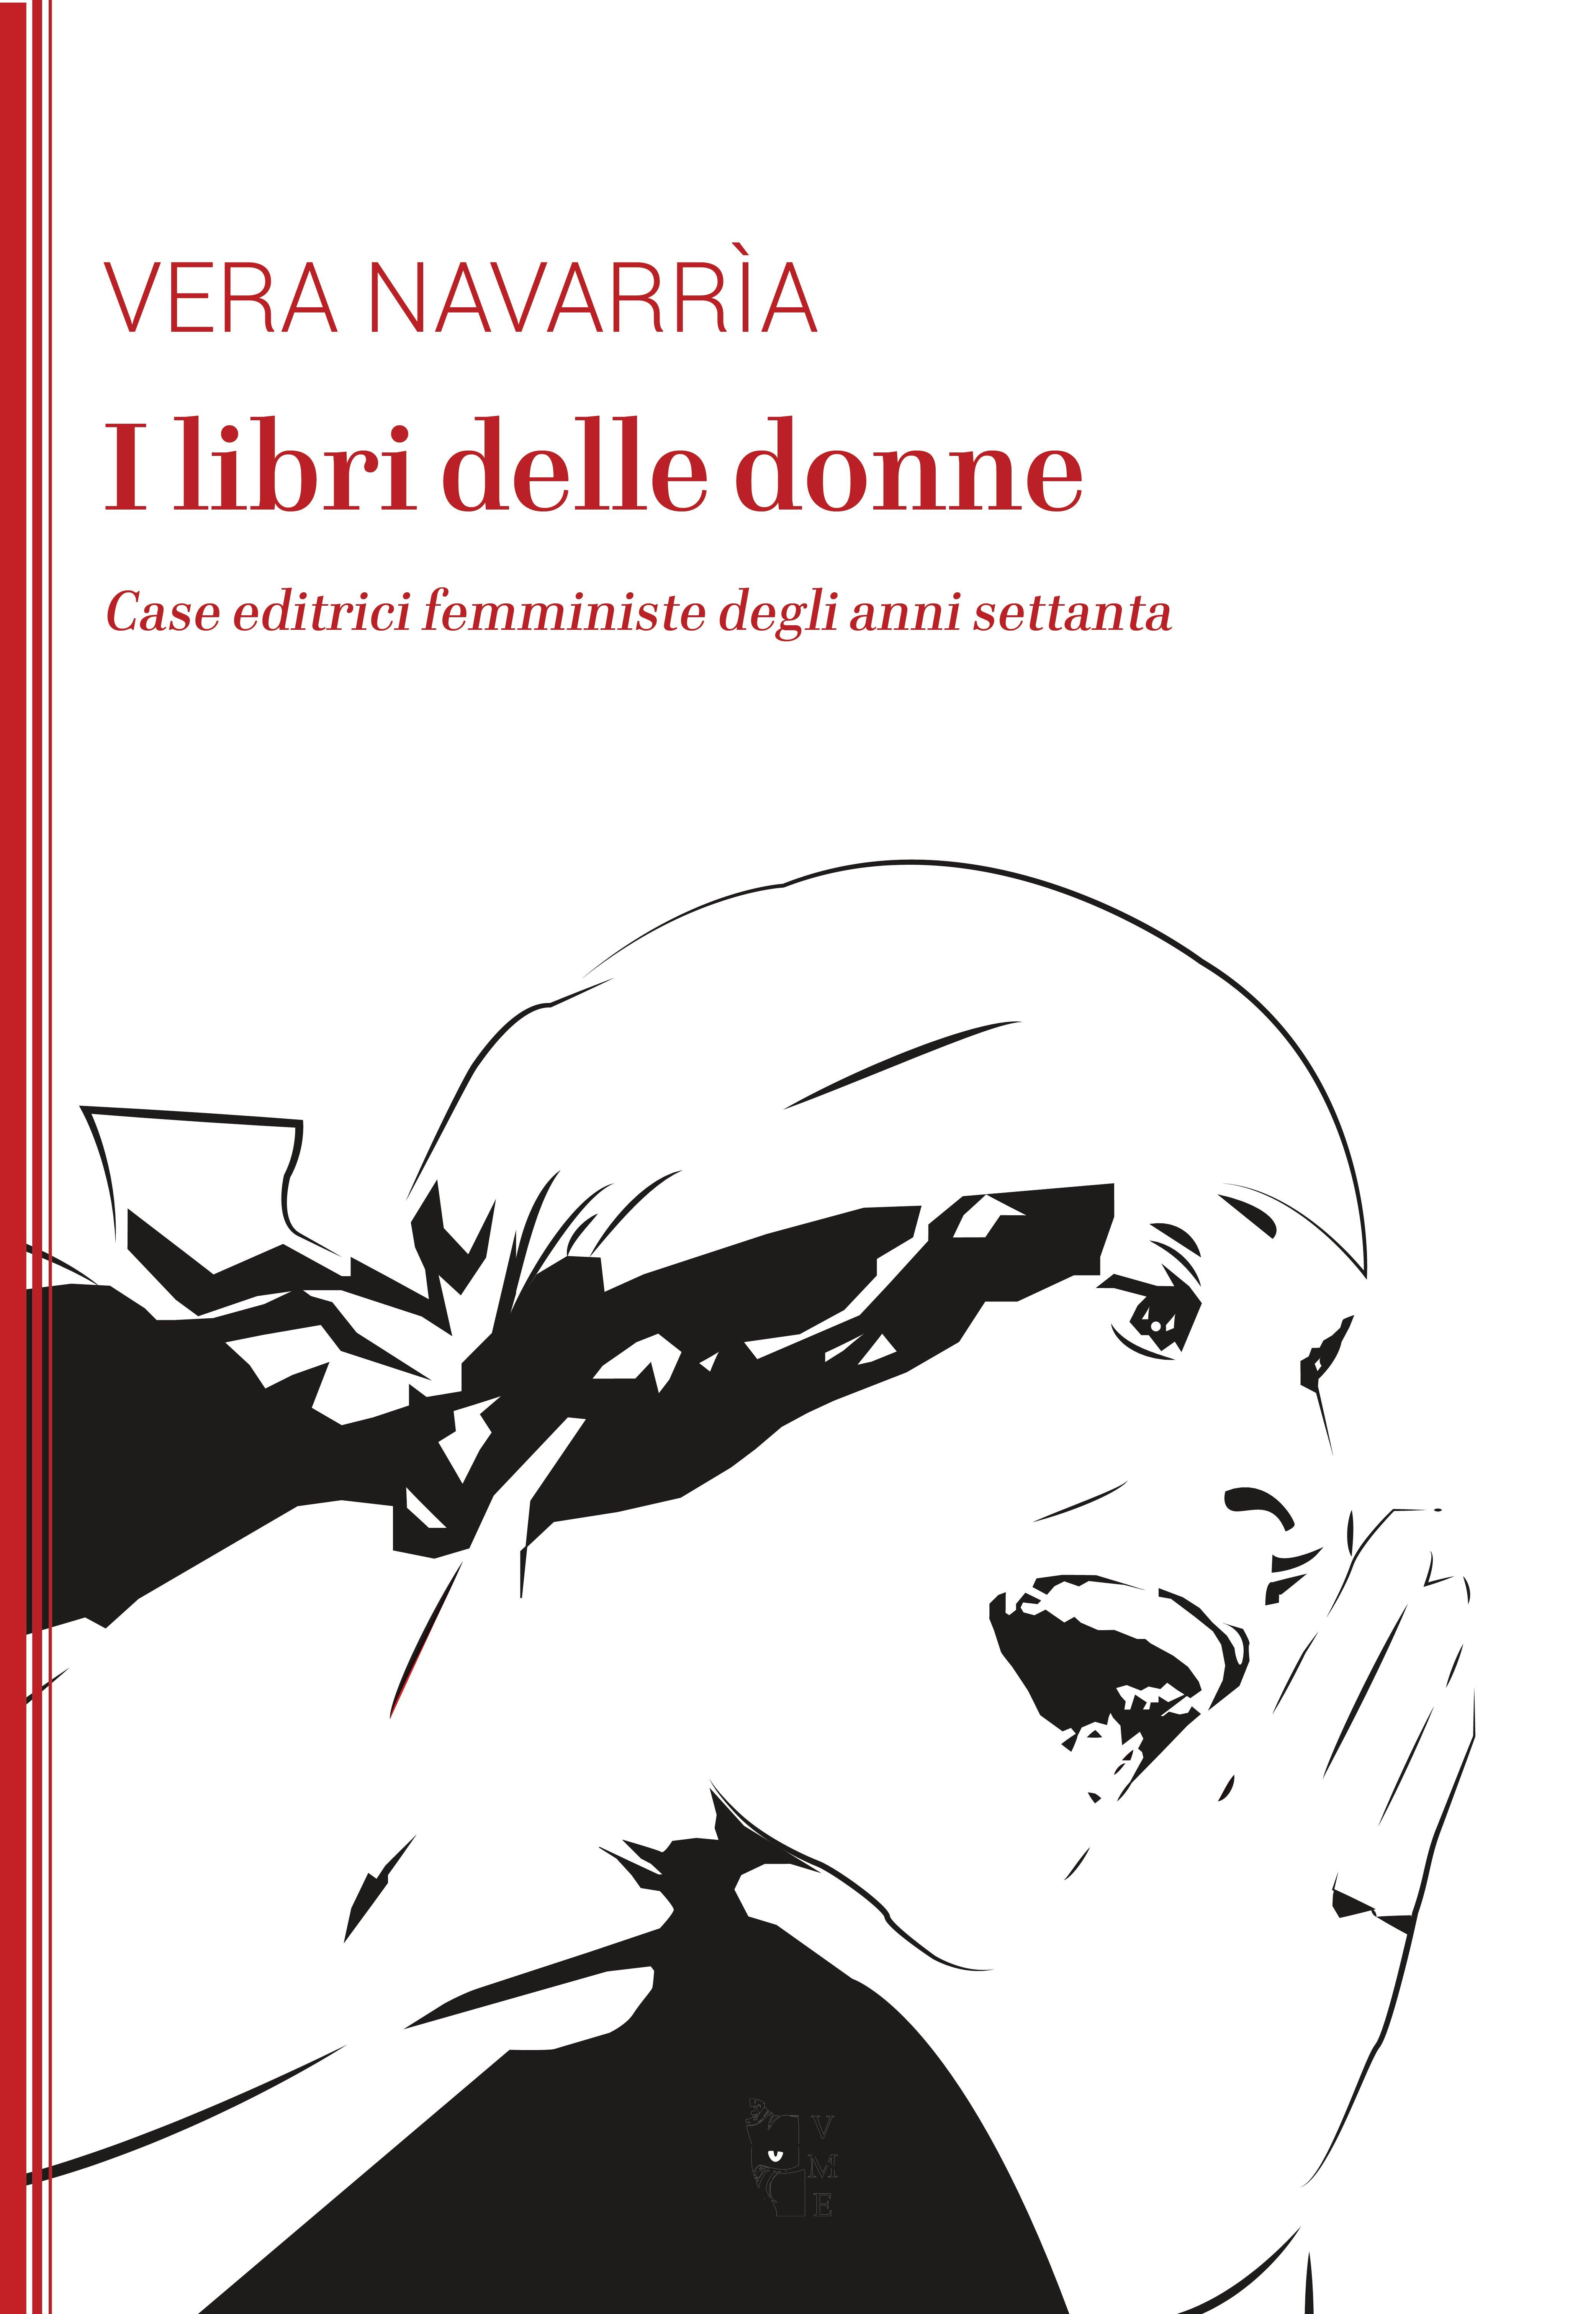 Vera Navarrìa - I libri delle donne 9788894898378